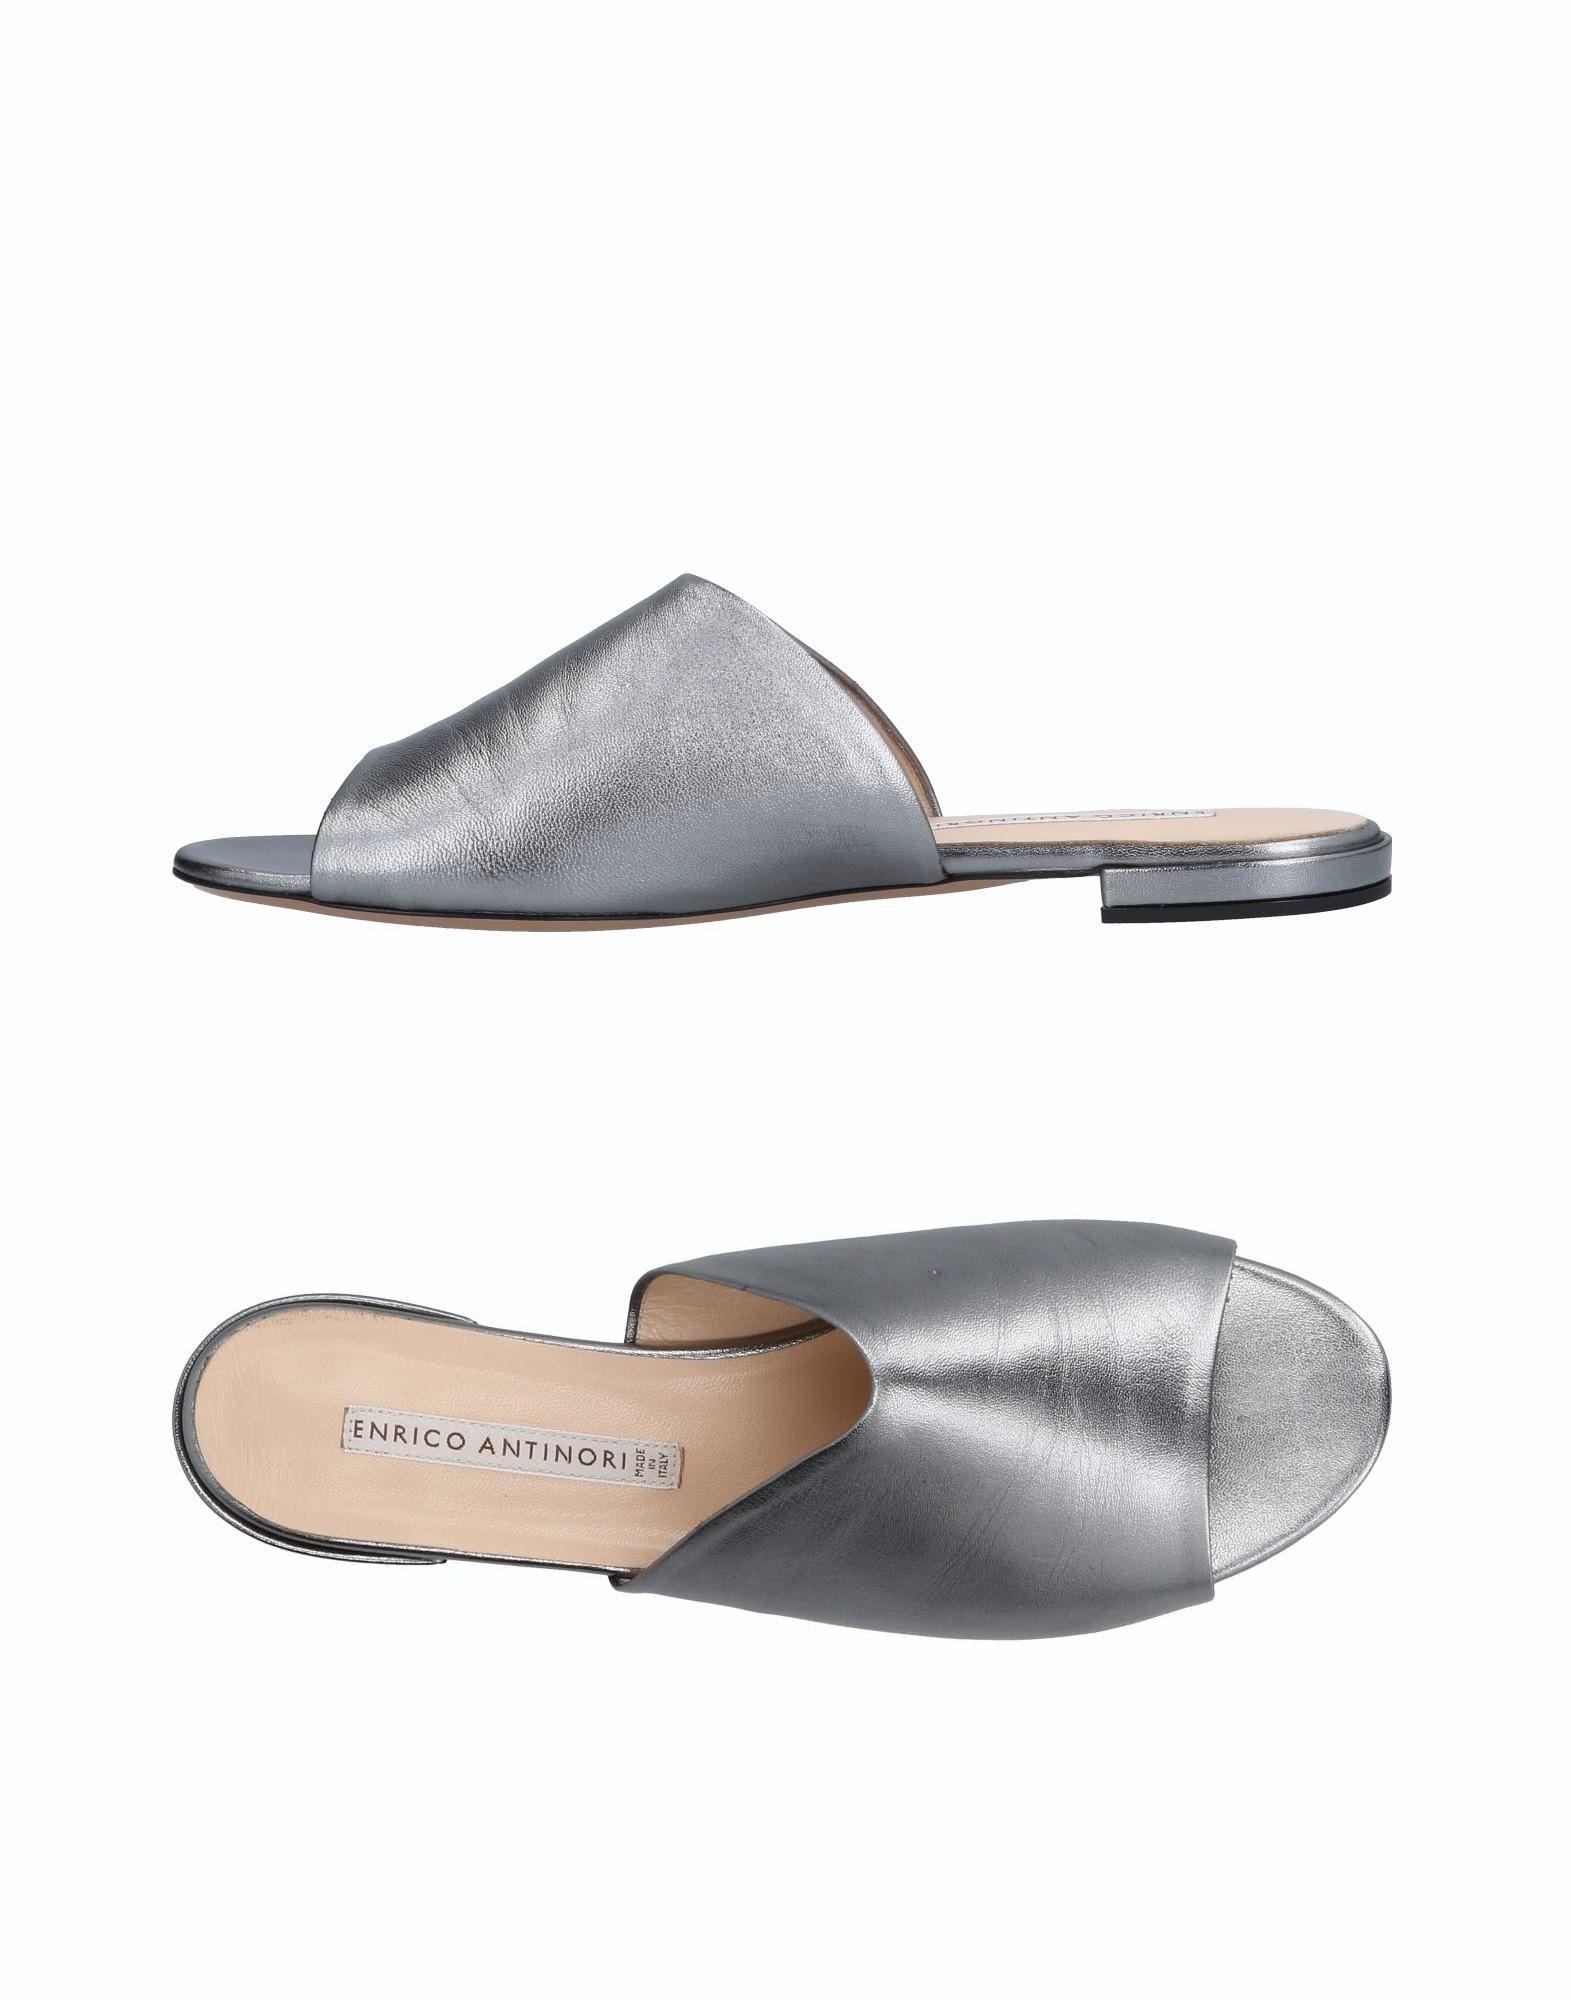 Enrico Antinori Sandalen Damen  11501433OL Gute Qualität beliebte Schuhe